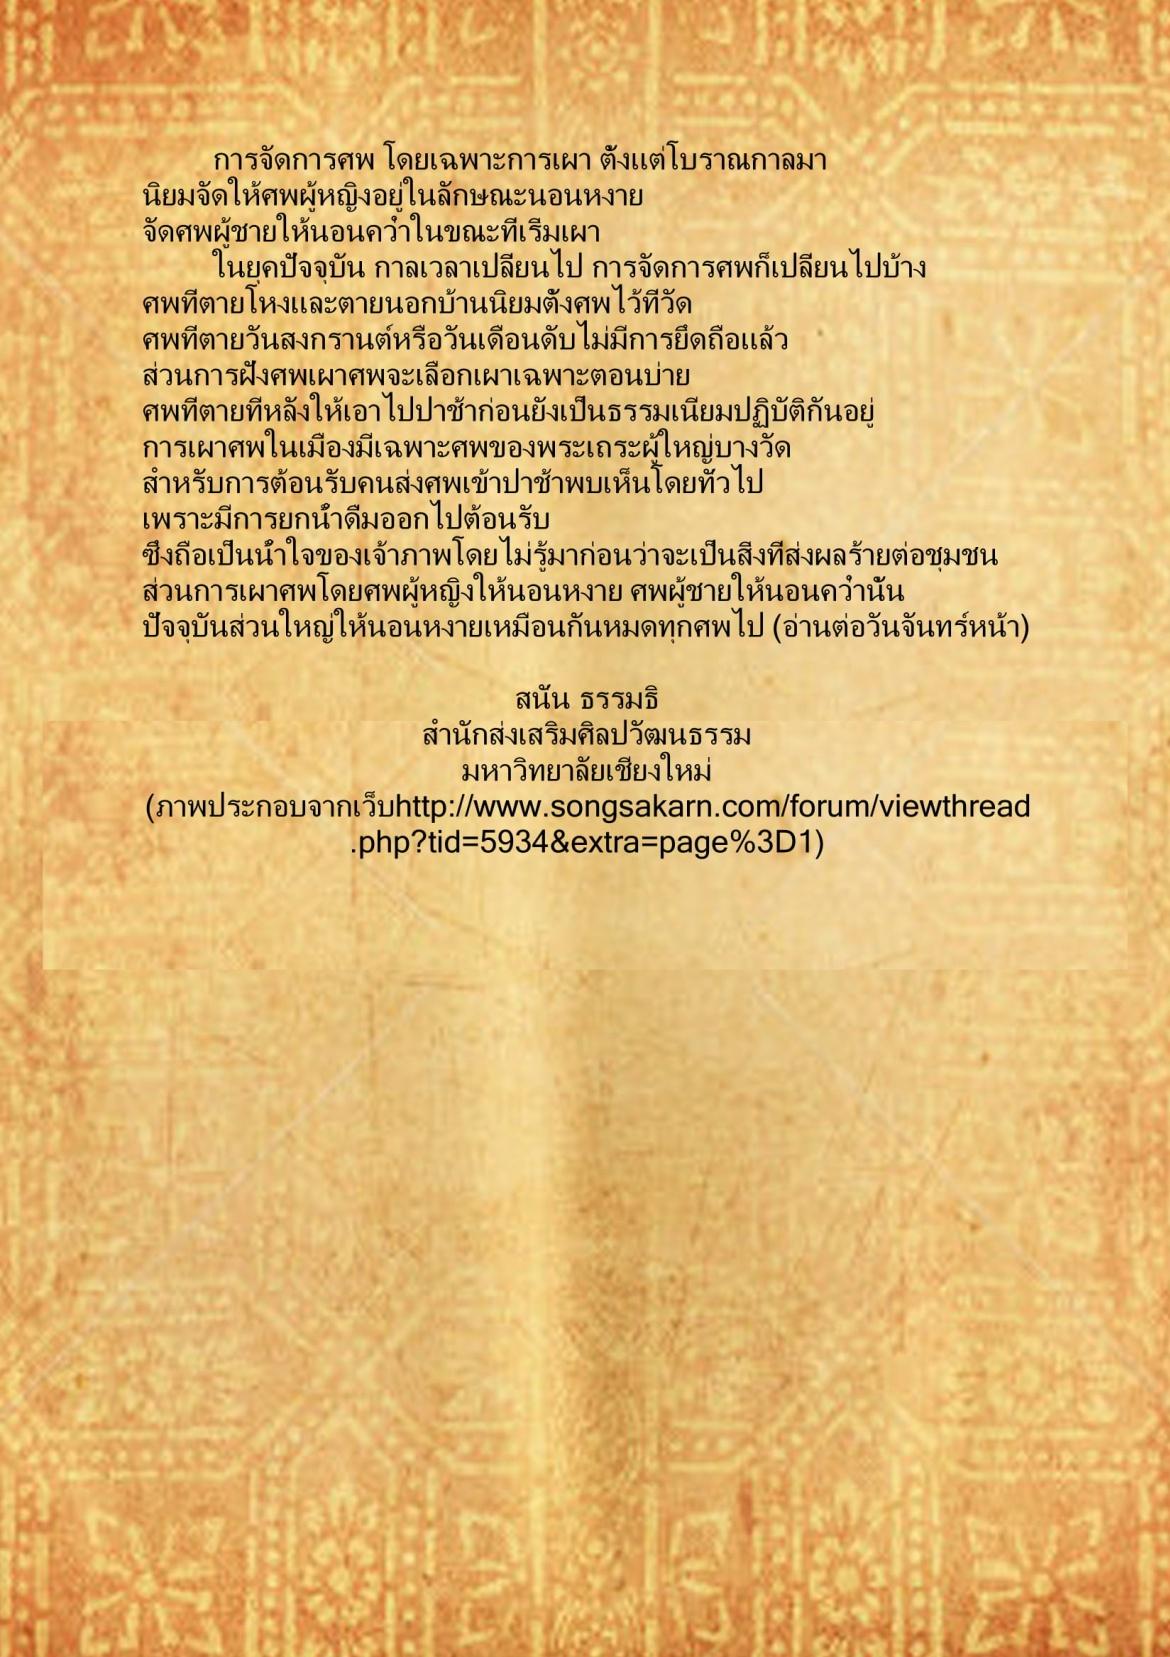 ปาเฮียว (6) - 26  ธันวาคม  2559